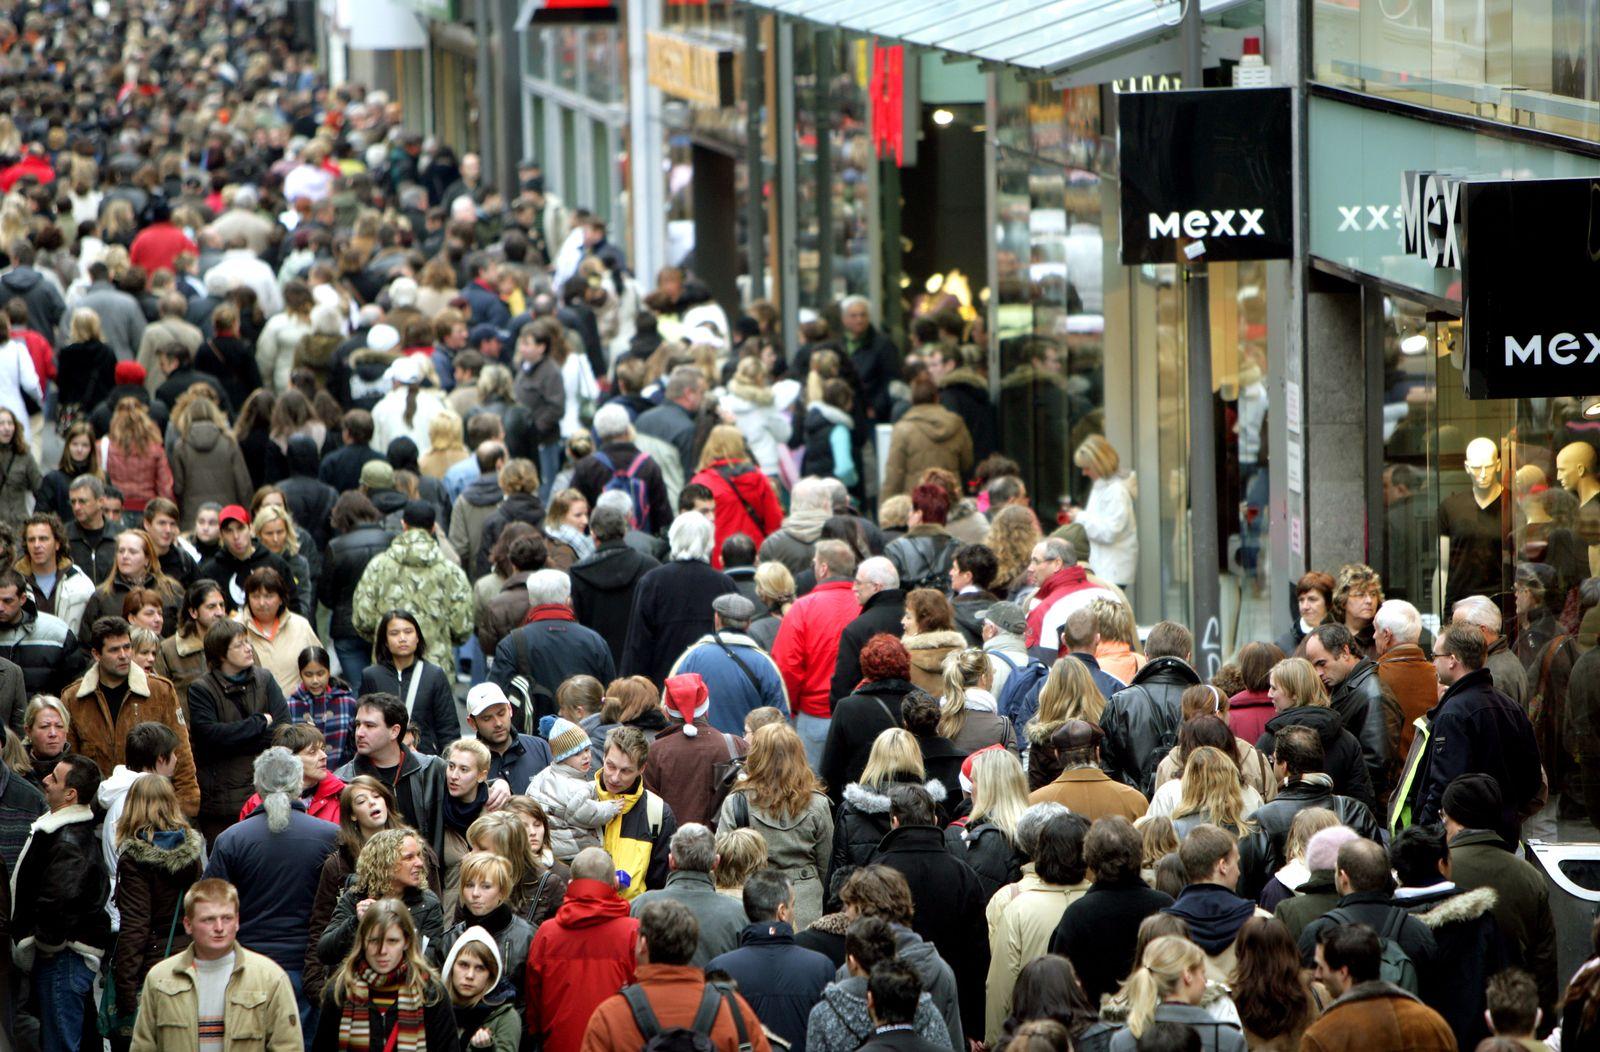 Fußgänger / Einkaufen